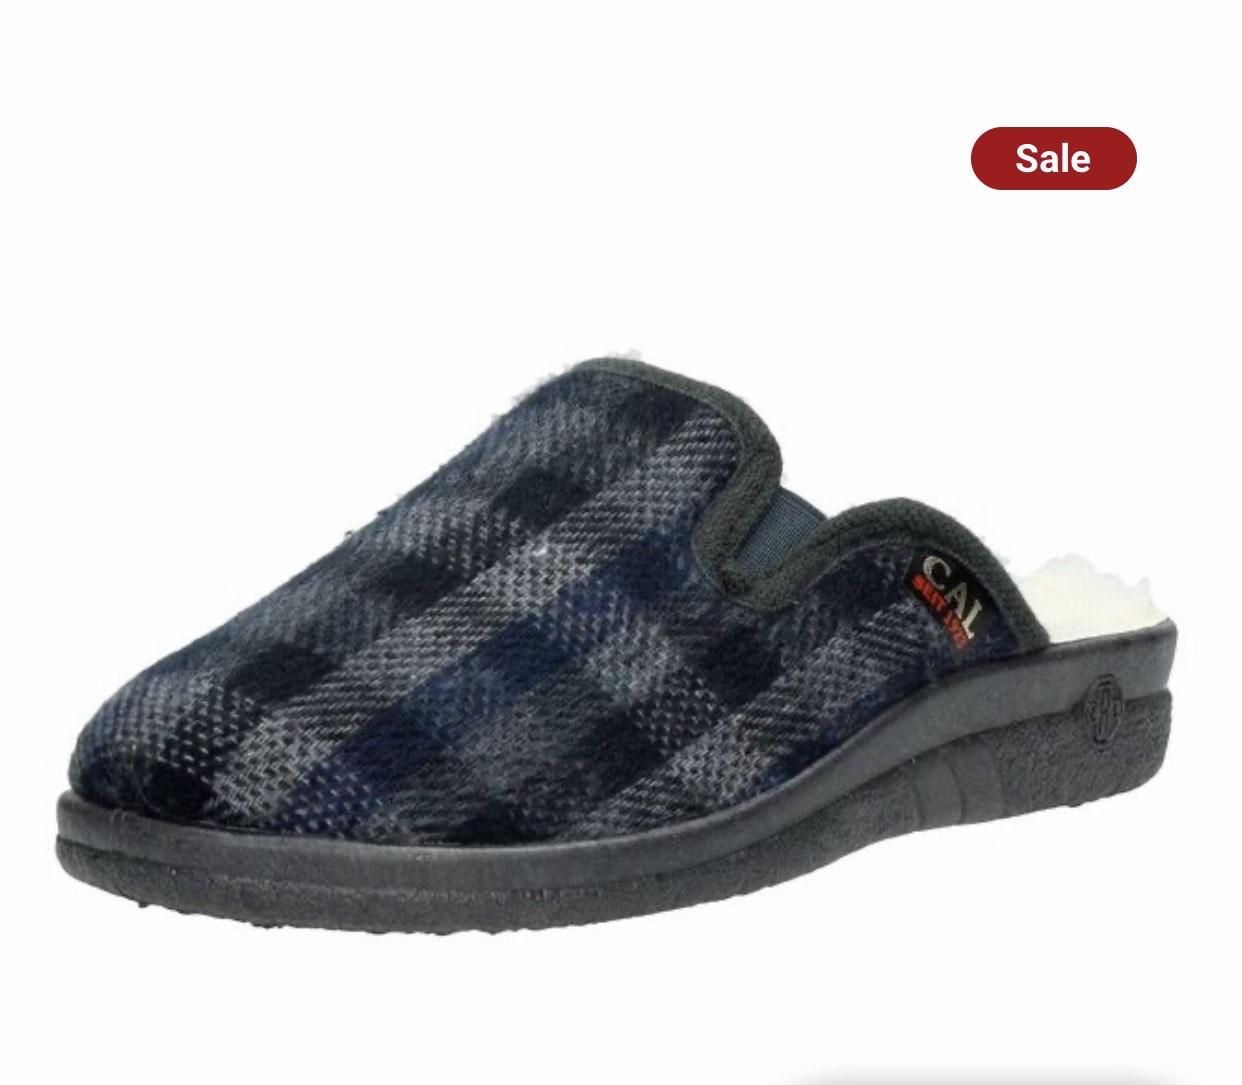 Heren pantoffels maat 41-44 Schuurman Schoenen